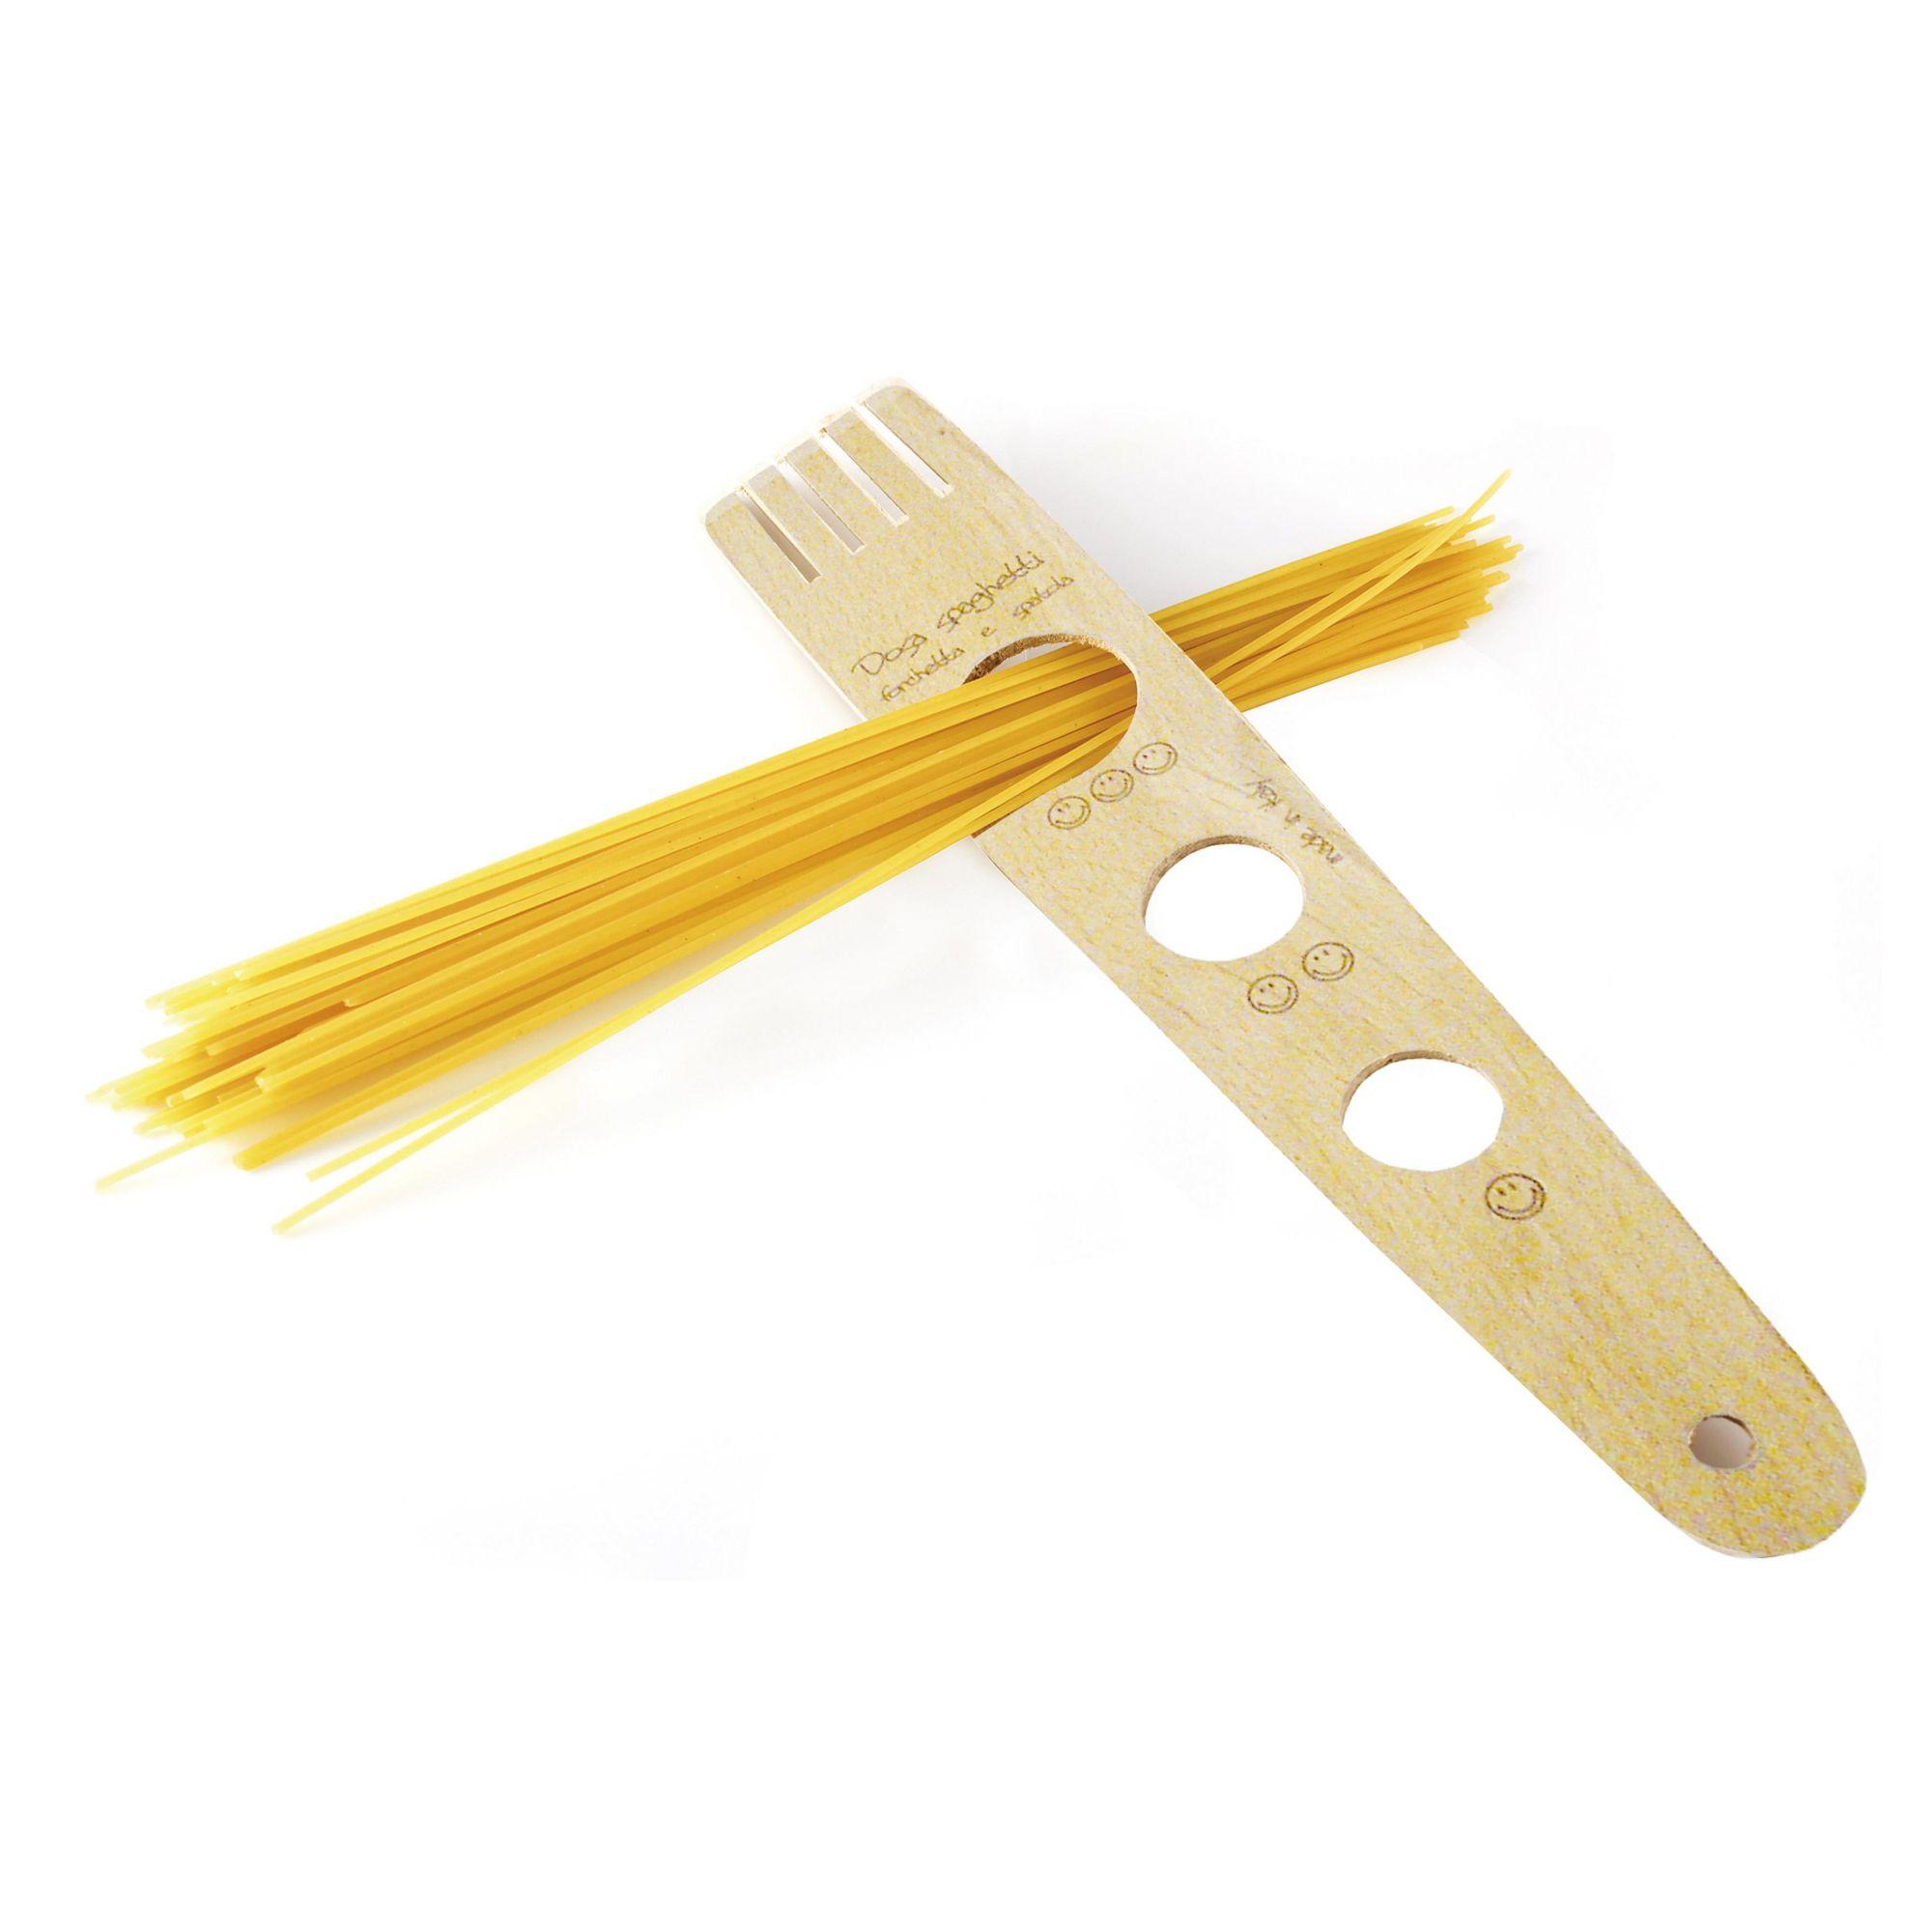 Medidor de Macarrão Espaguete Spaghetti Porções Madeira Eppi 30 cm